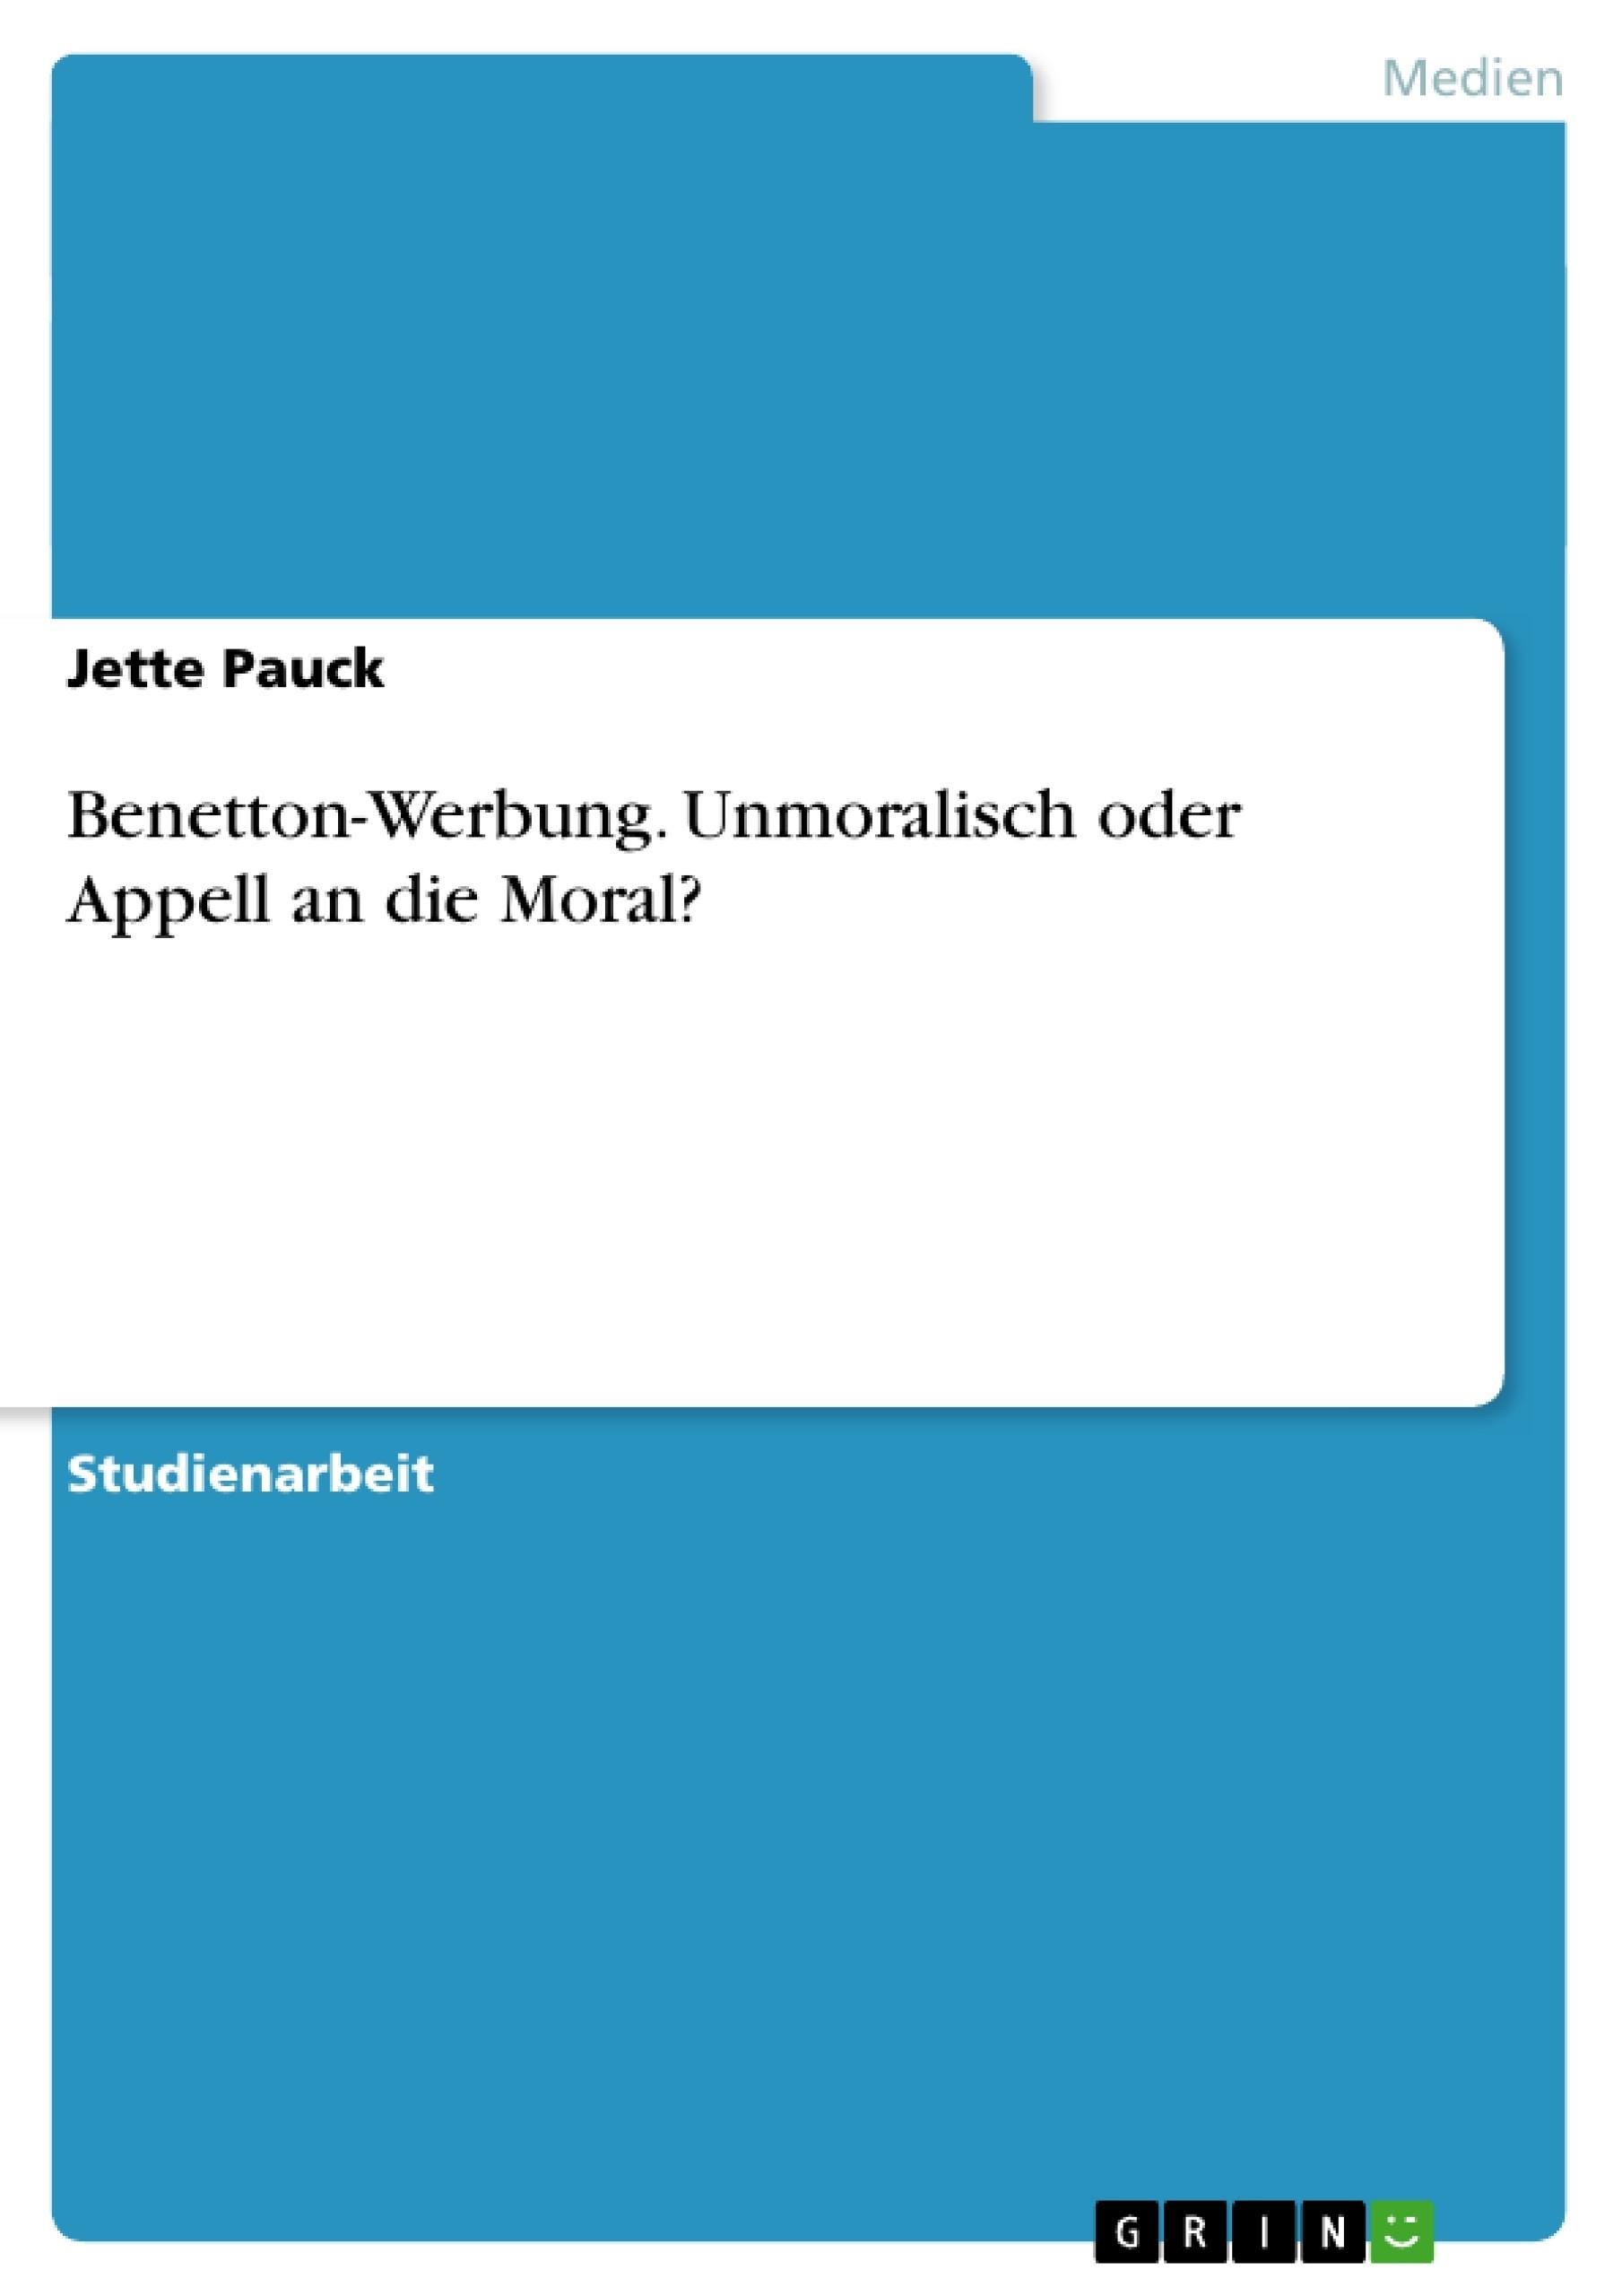 Titel: Benetton-Werbung.  Unmoralisch oder Appell an die Moral?